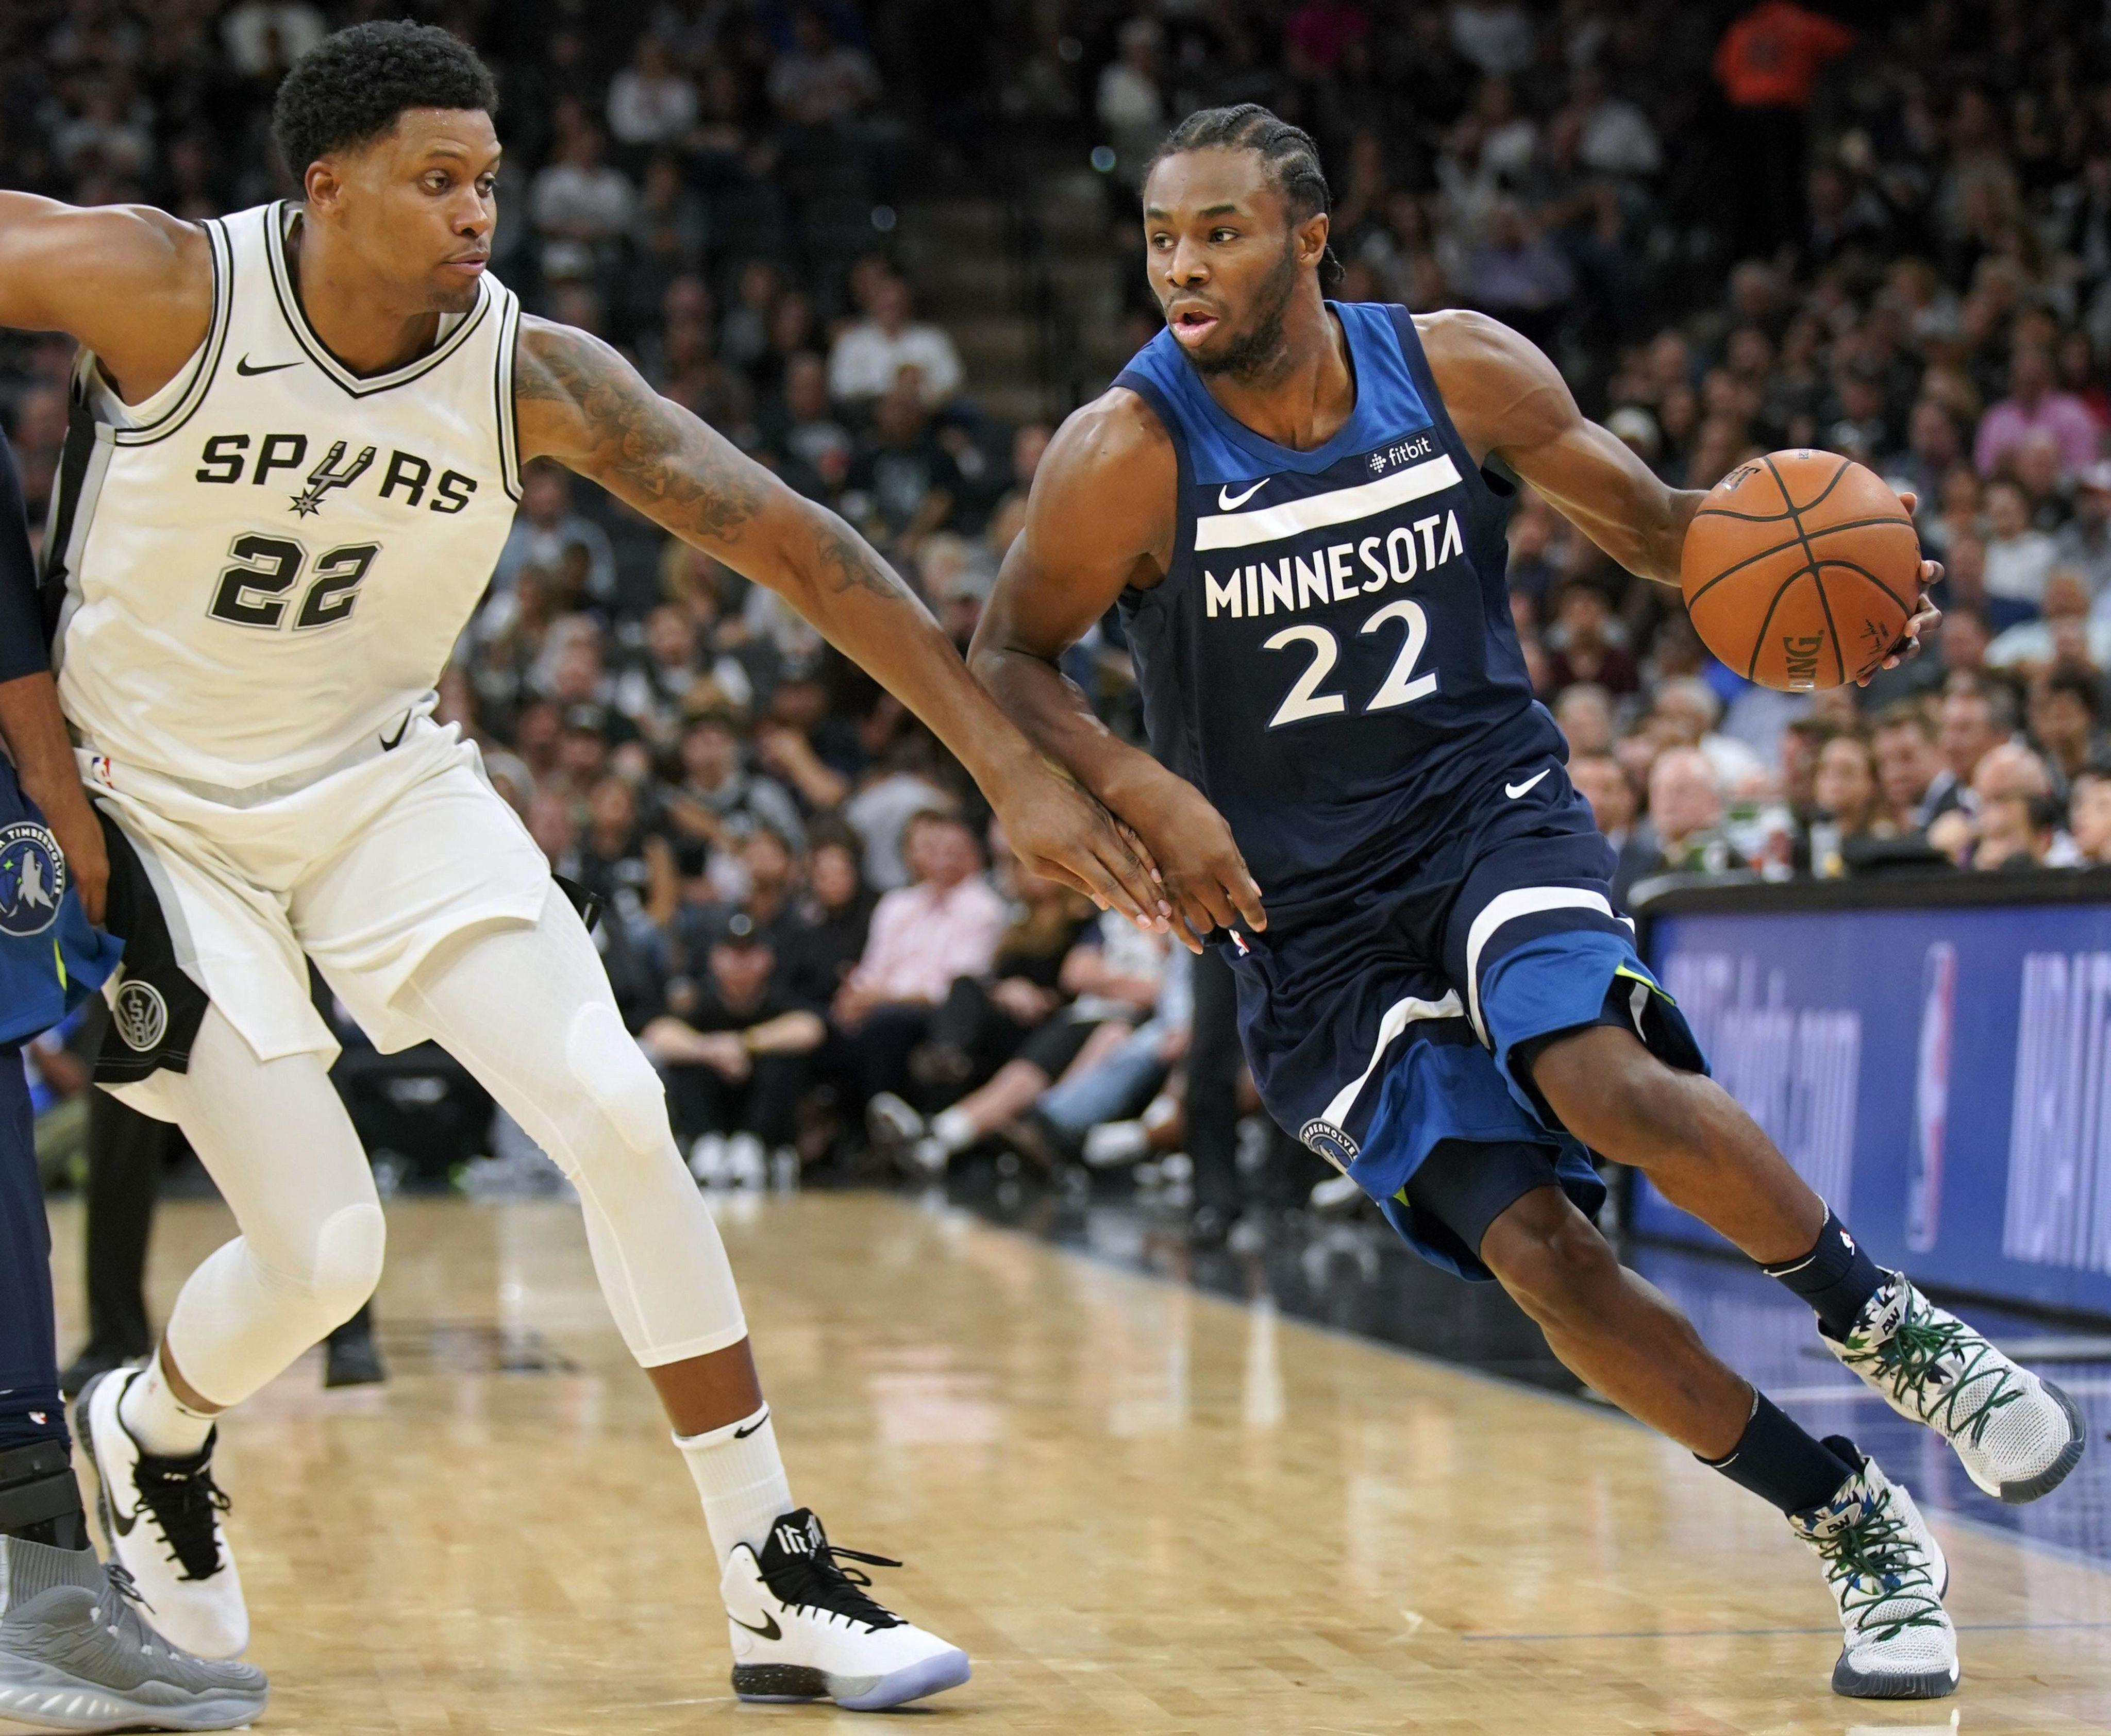 Timberwolves_spurs_basketball_25754_s4096x3369